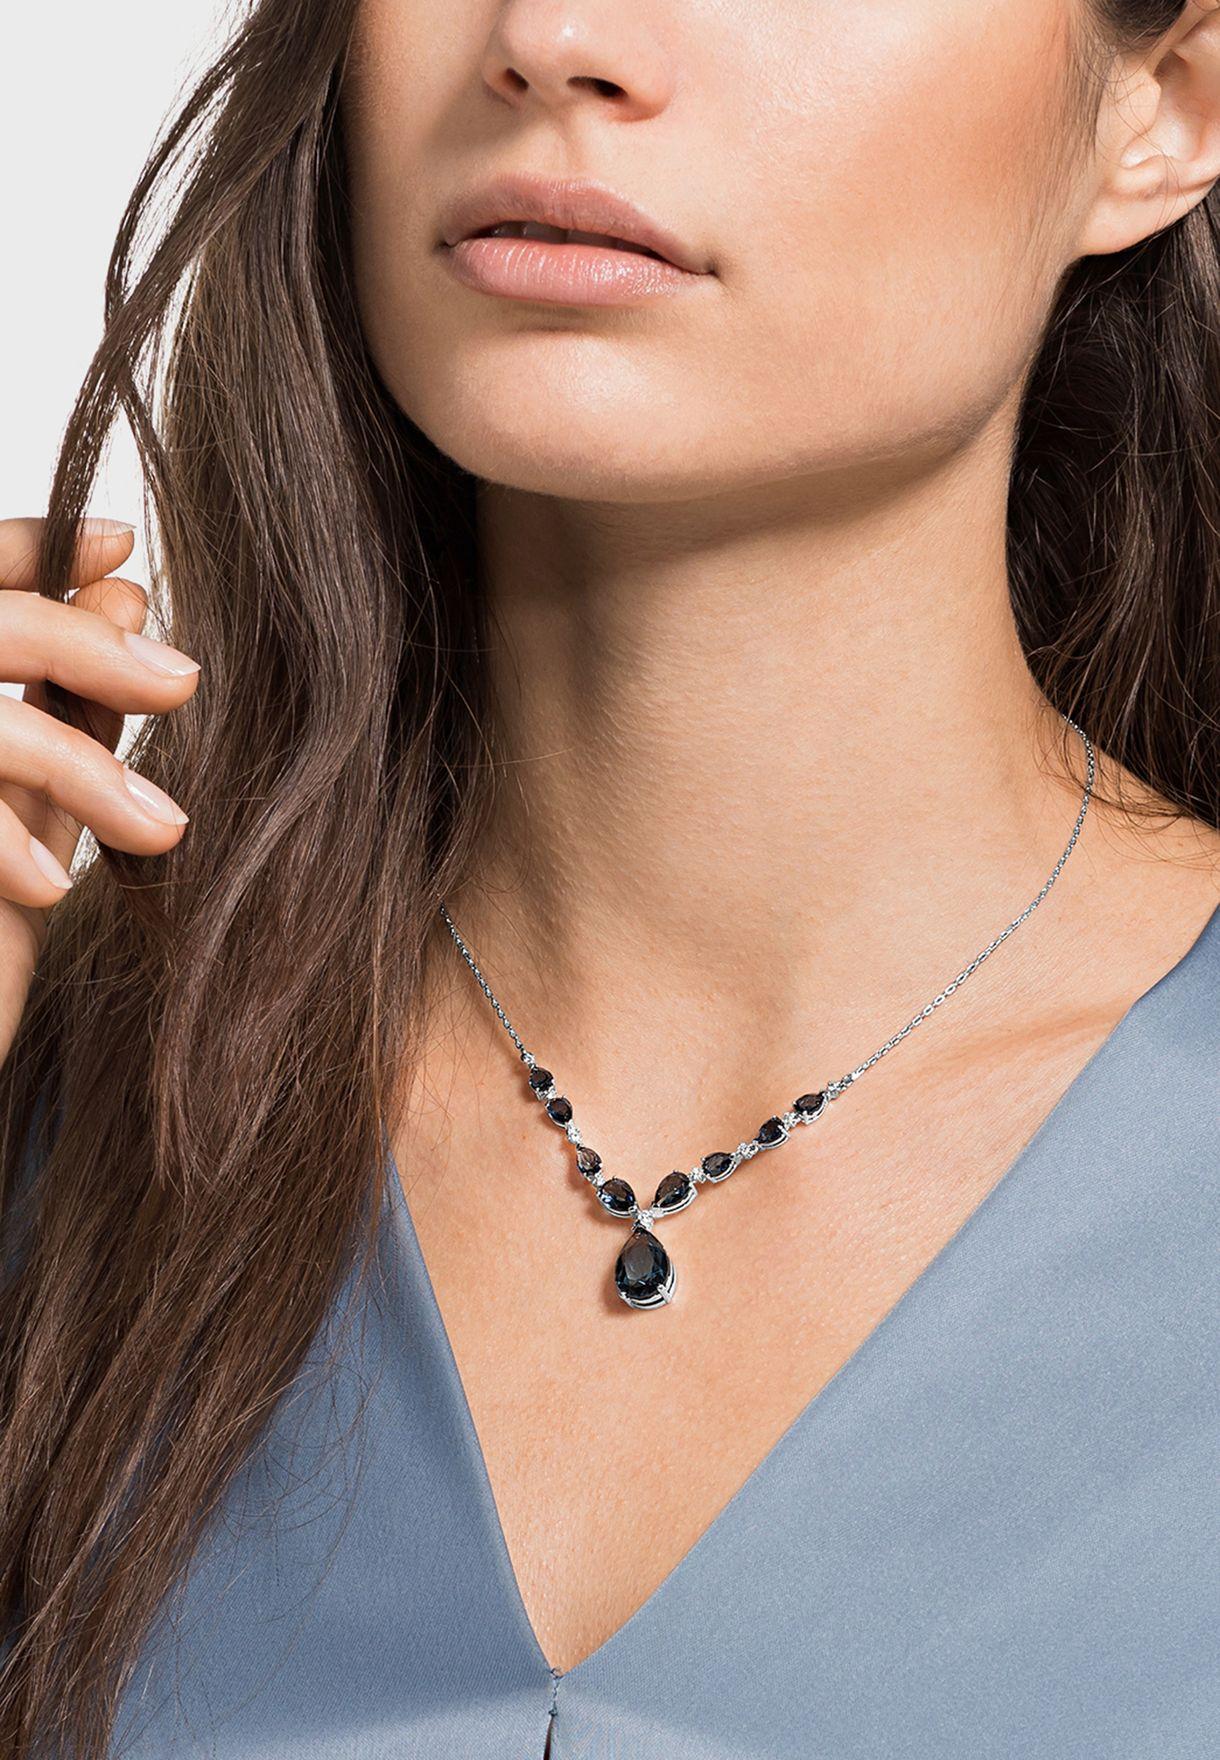 Vintage Drop Necklace